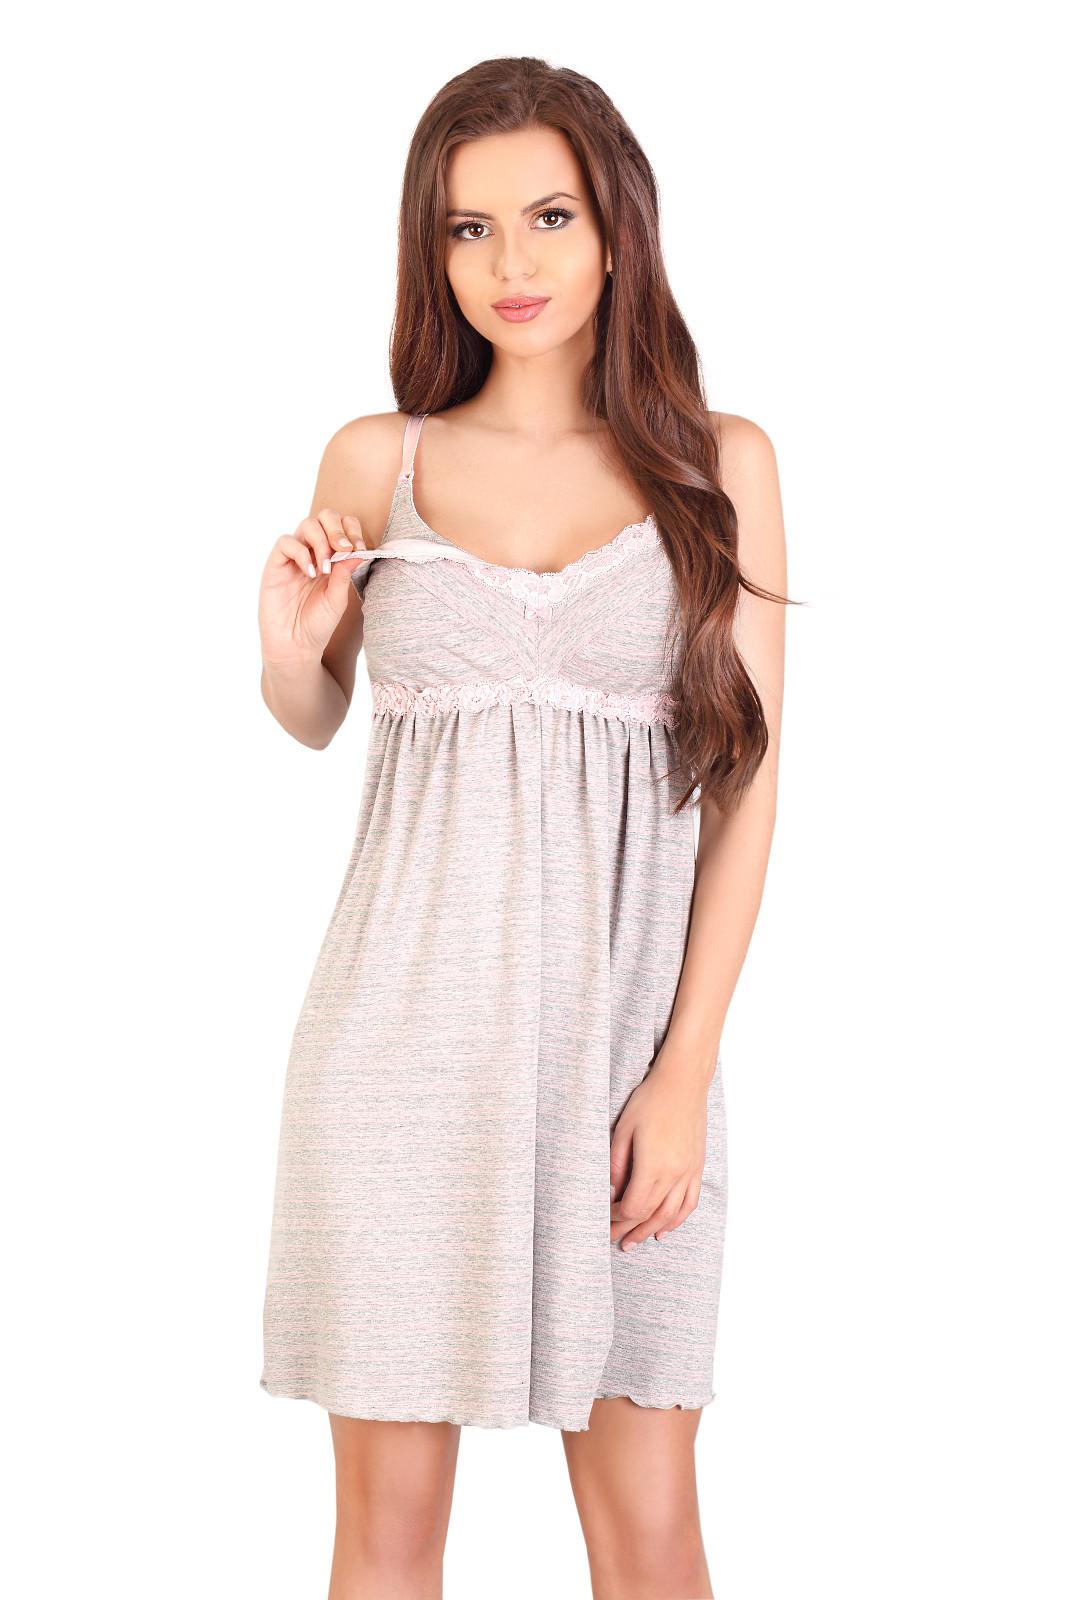 e715a681990af4 Koszulka Lupoline 3040 K - Bielizna damska - bielizna ciążowa i dla ...